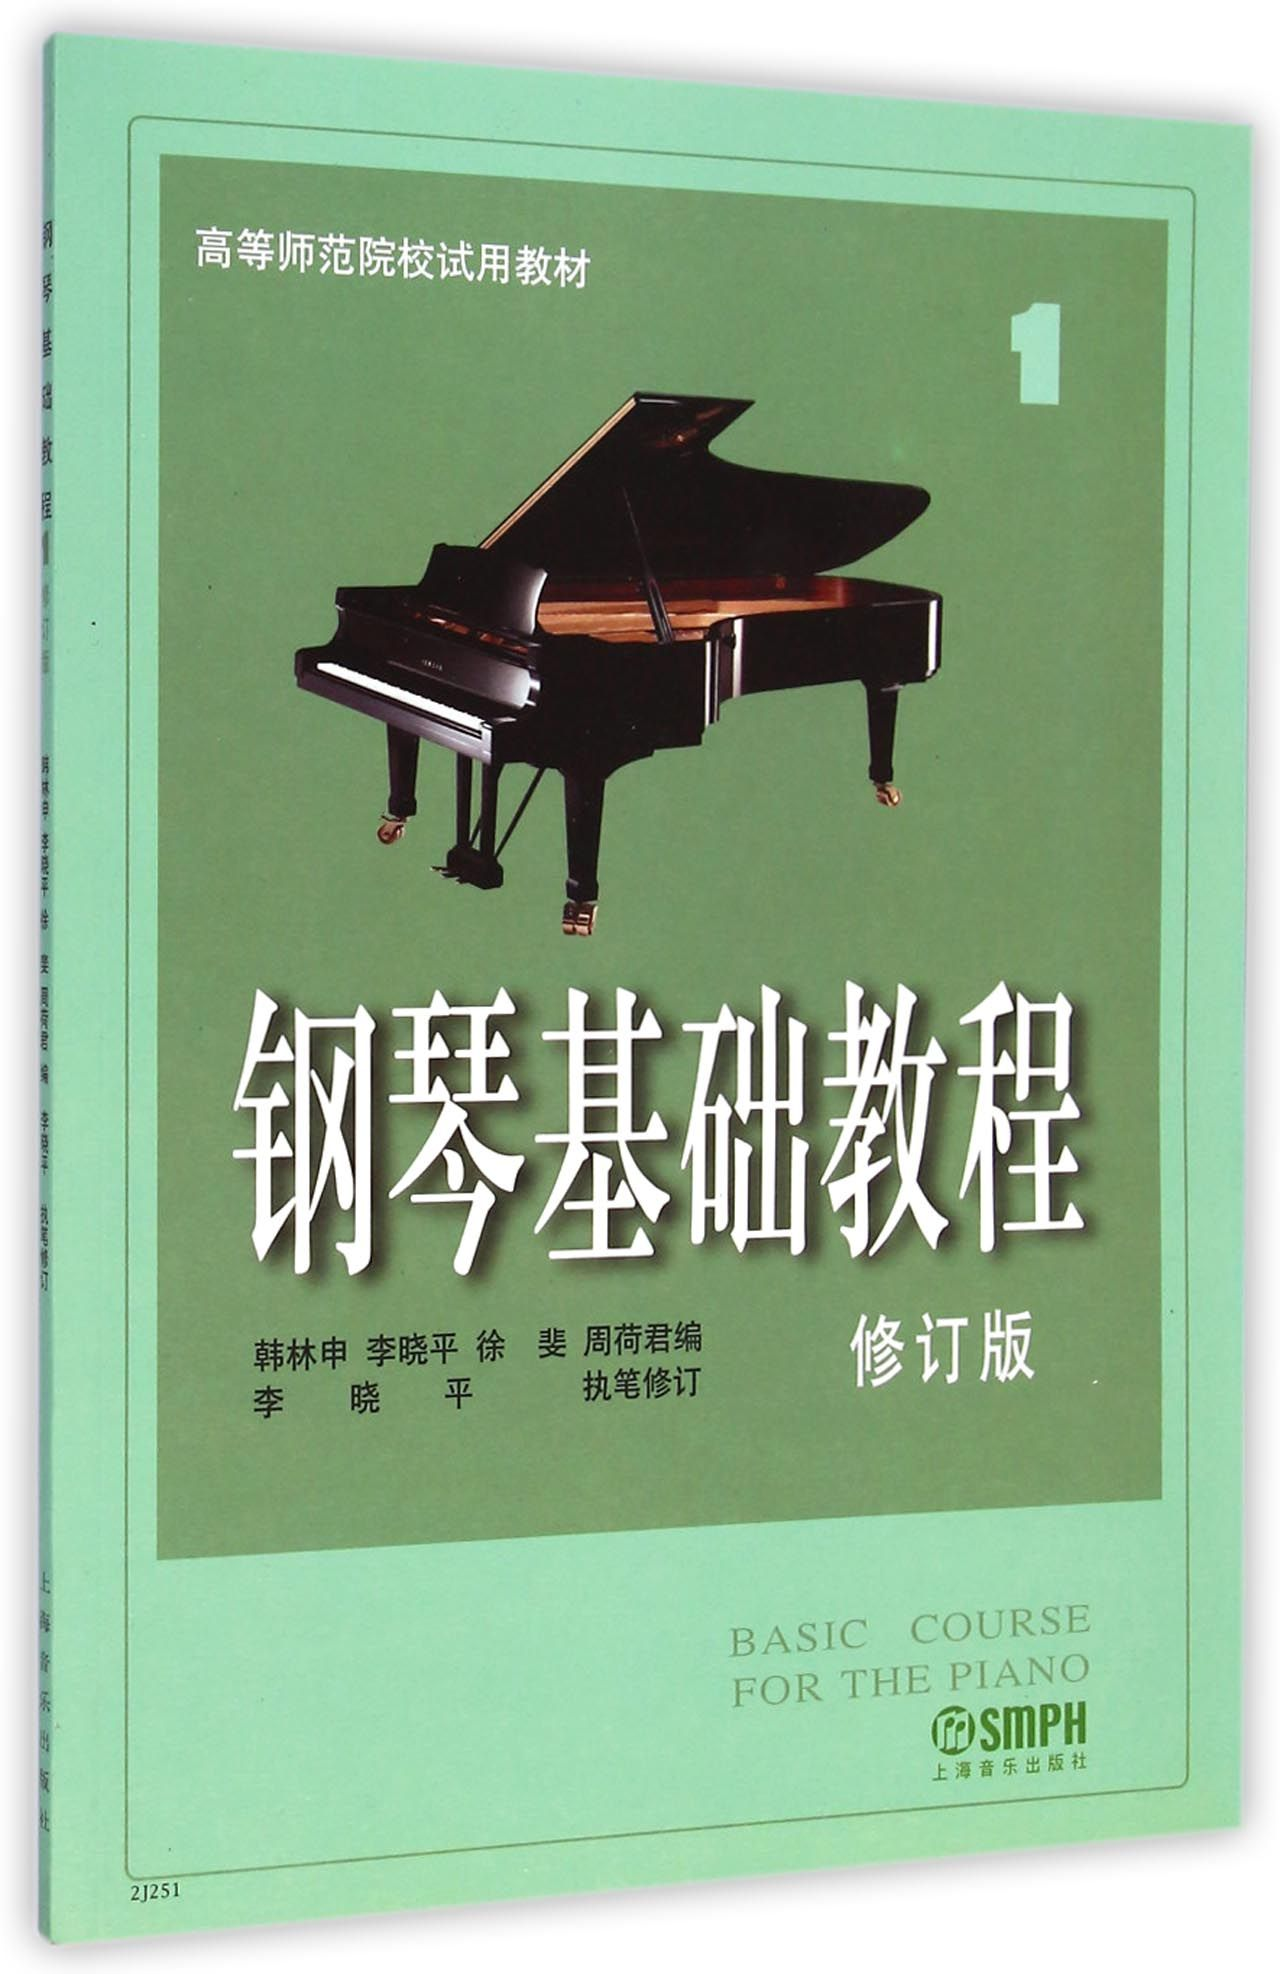 钢琴基础教程(1修订版高等师范院校使用教材)图片